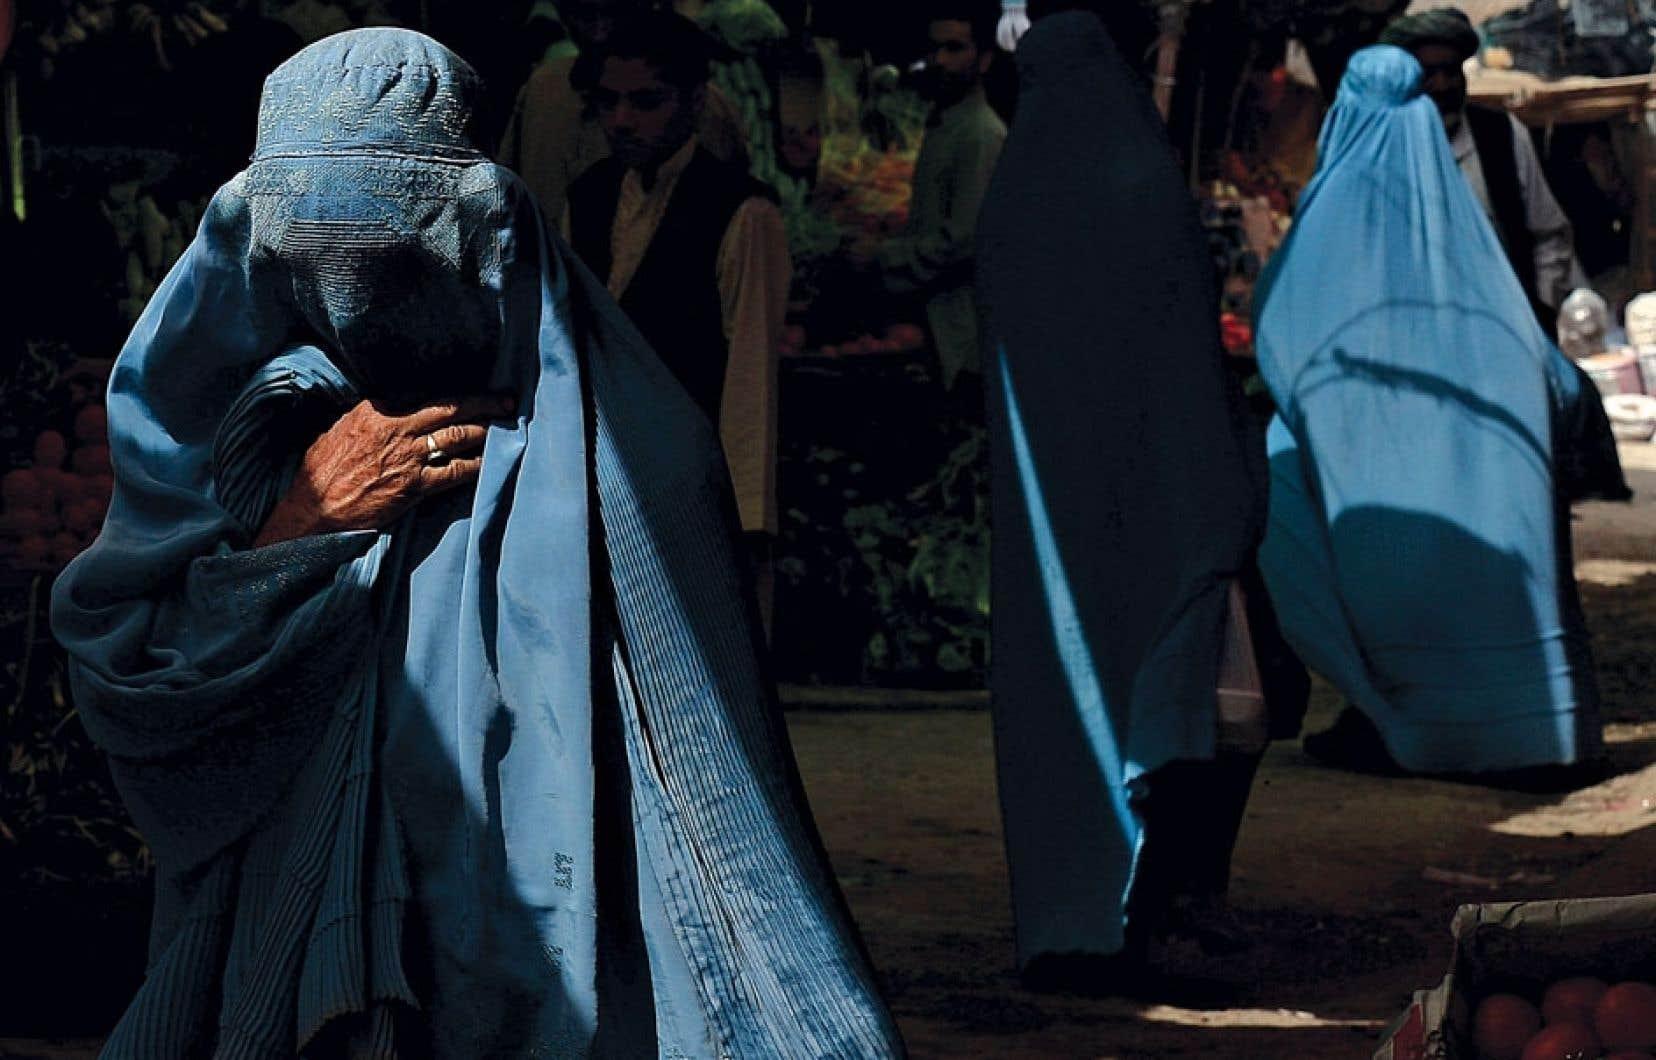 Une femme fait son marché dans les rues d'Herat, en Afghanistan. Malgré la chute des talibans, les Afghanes souffrent toujours de multiples abus, disait un rapport de l'ONU en décembre 2012.